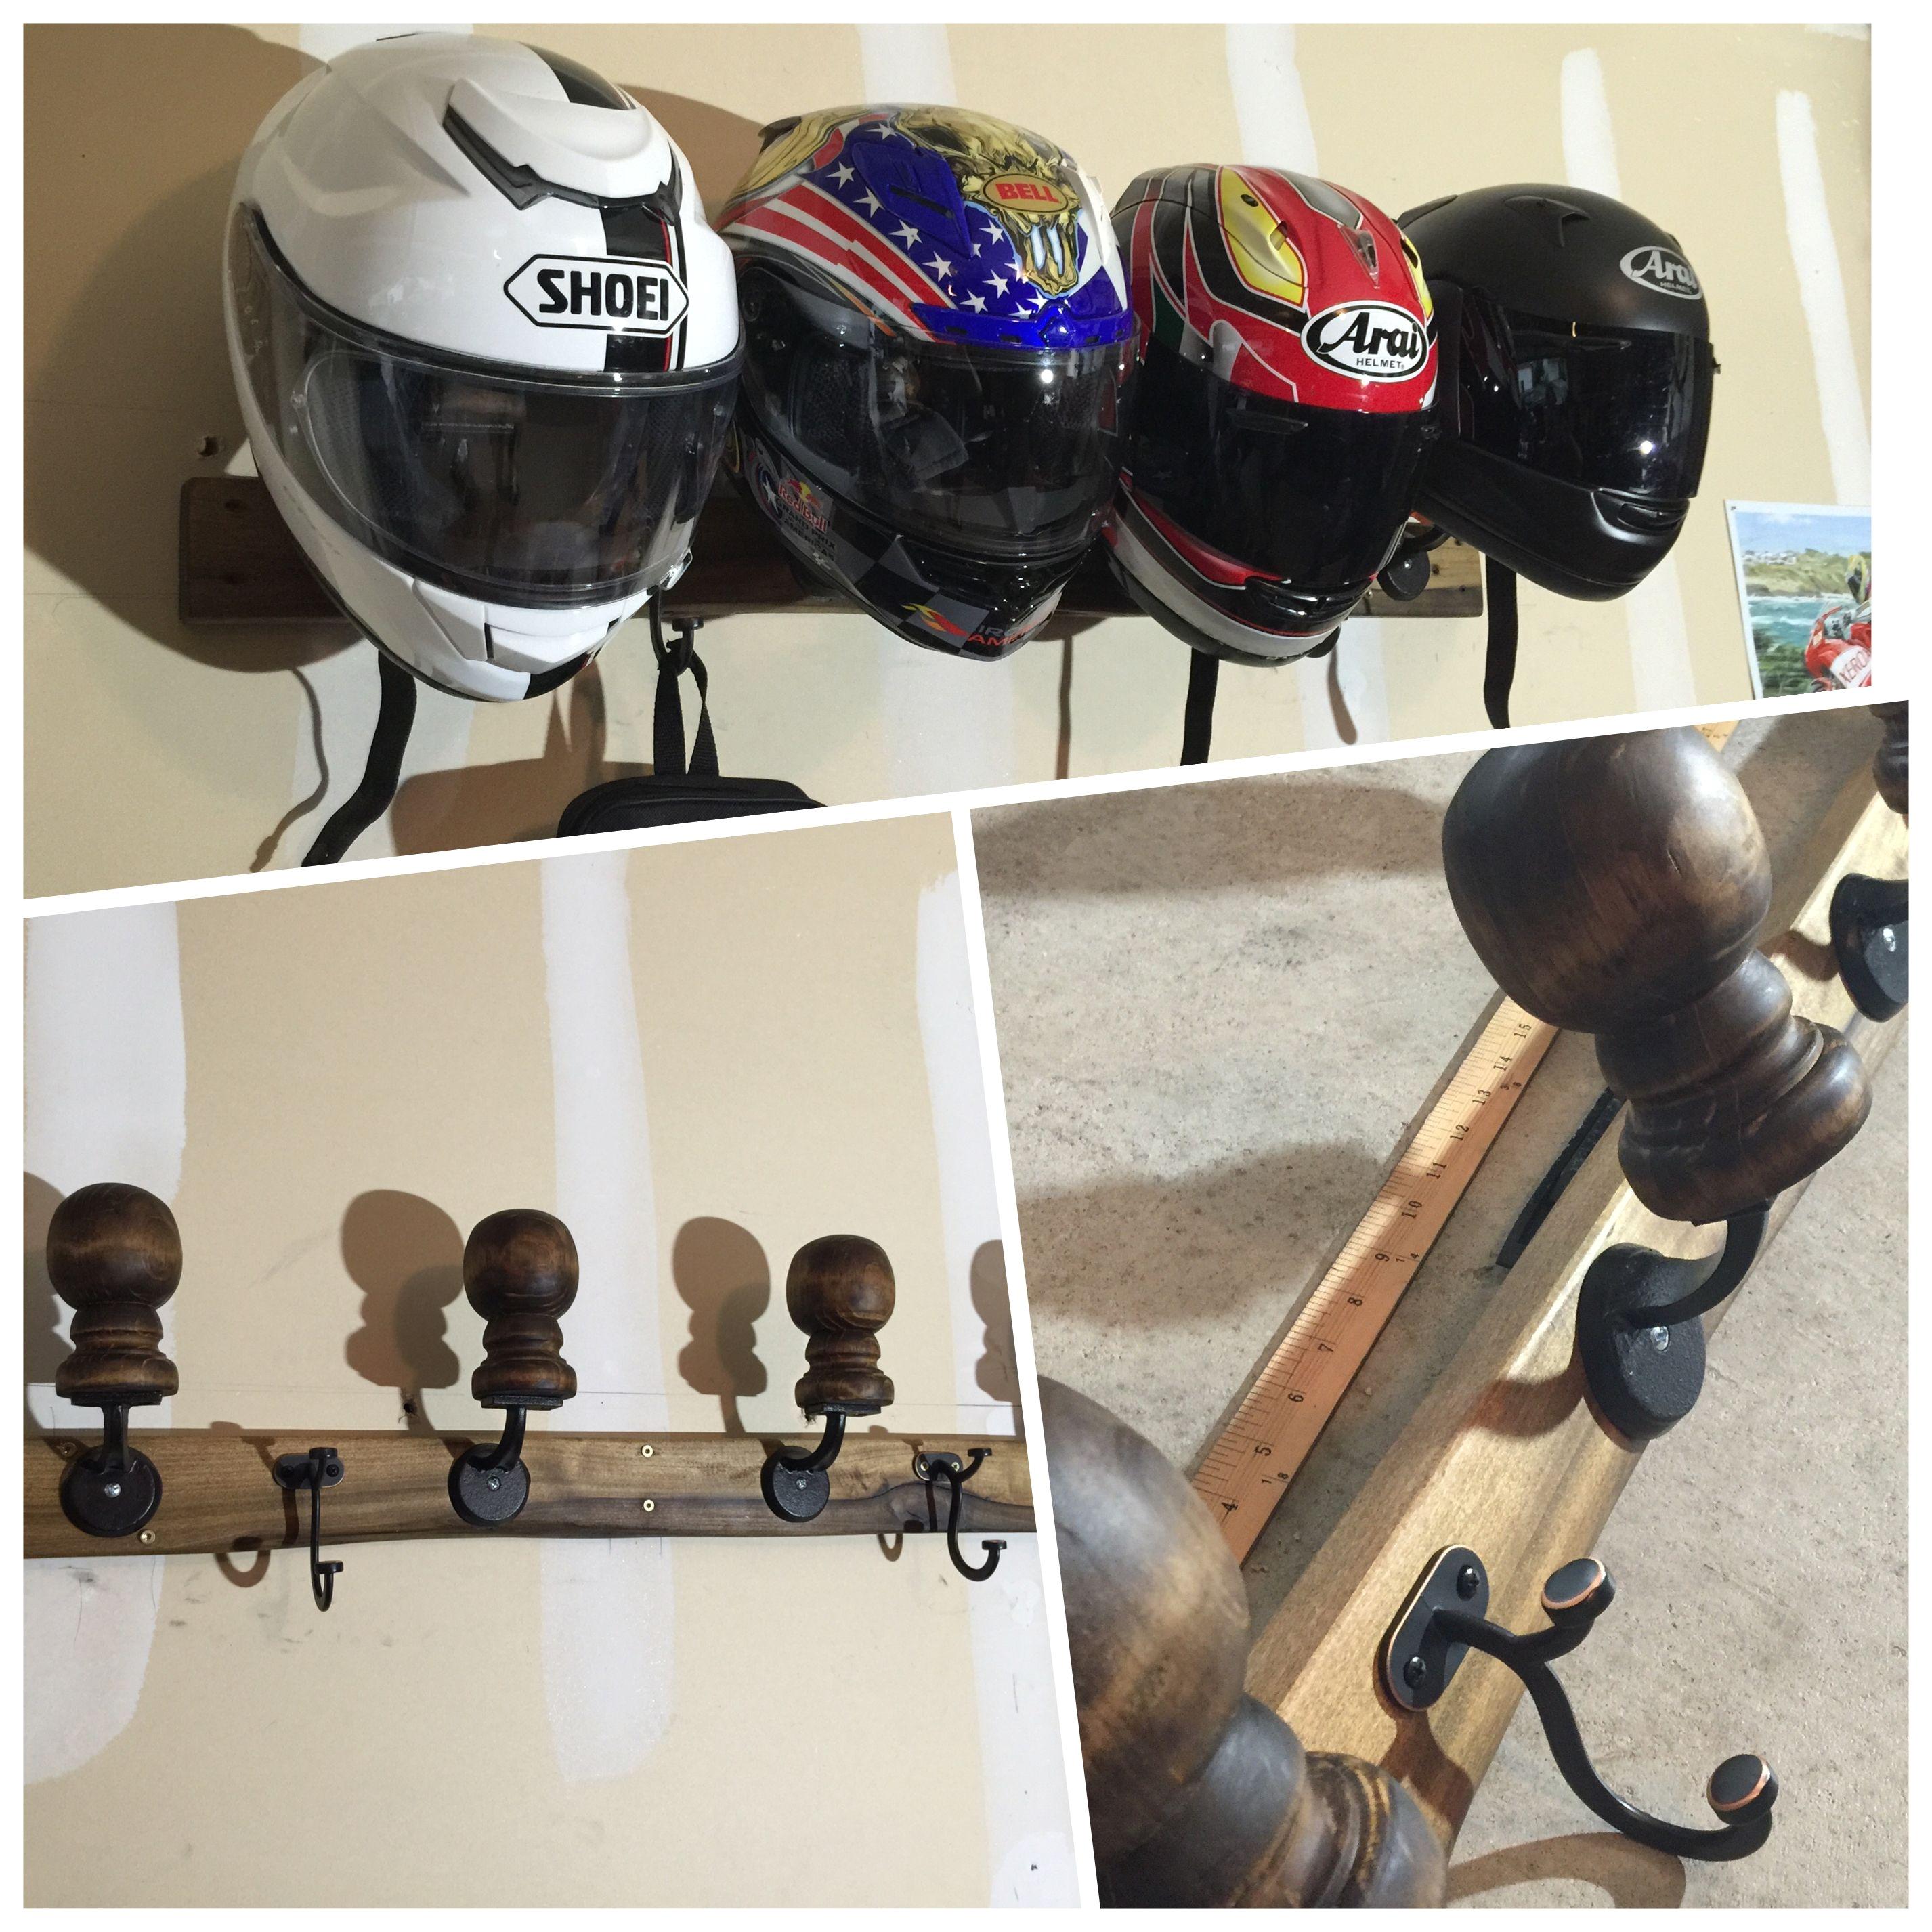 homemade motorcycle helmet rack organizers